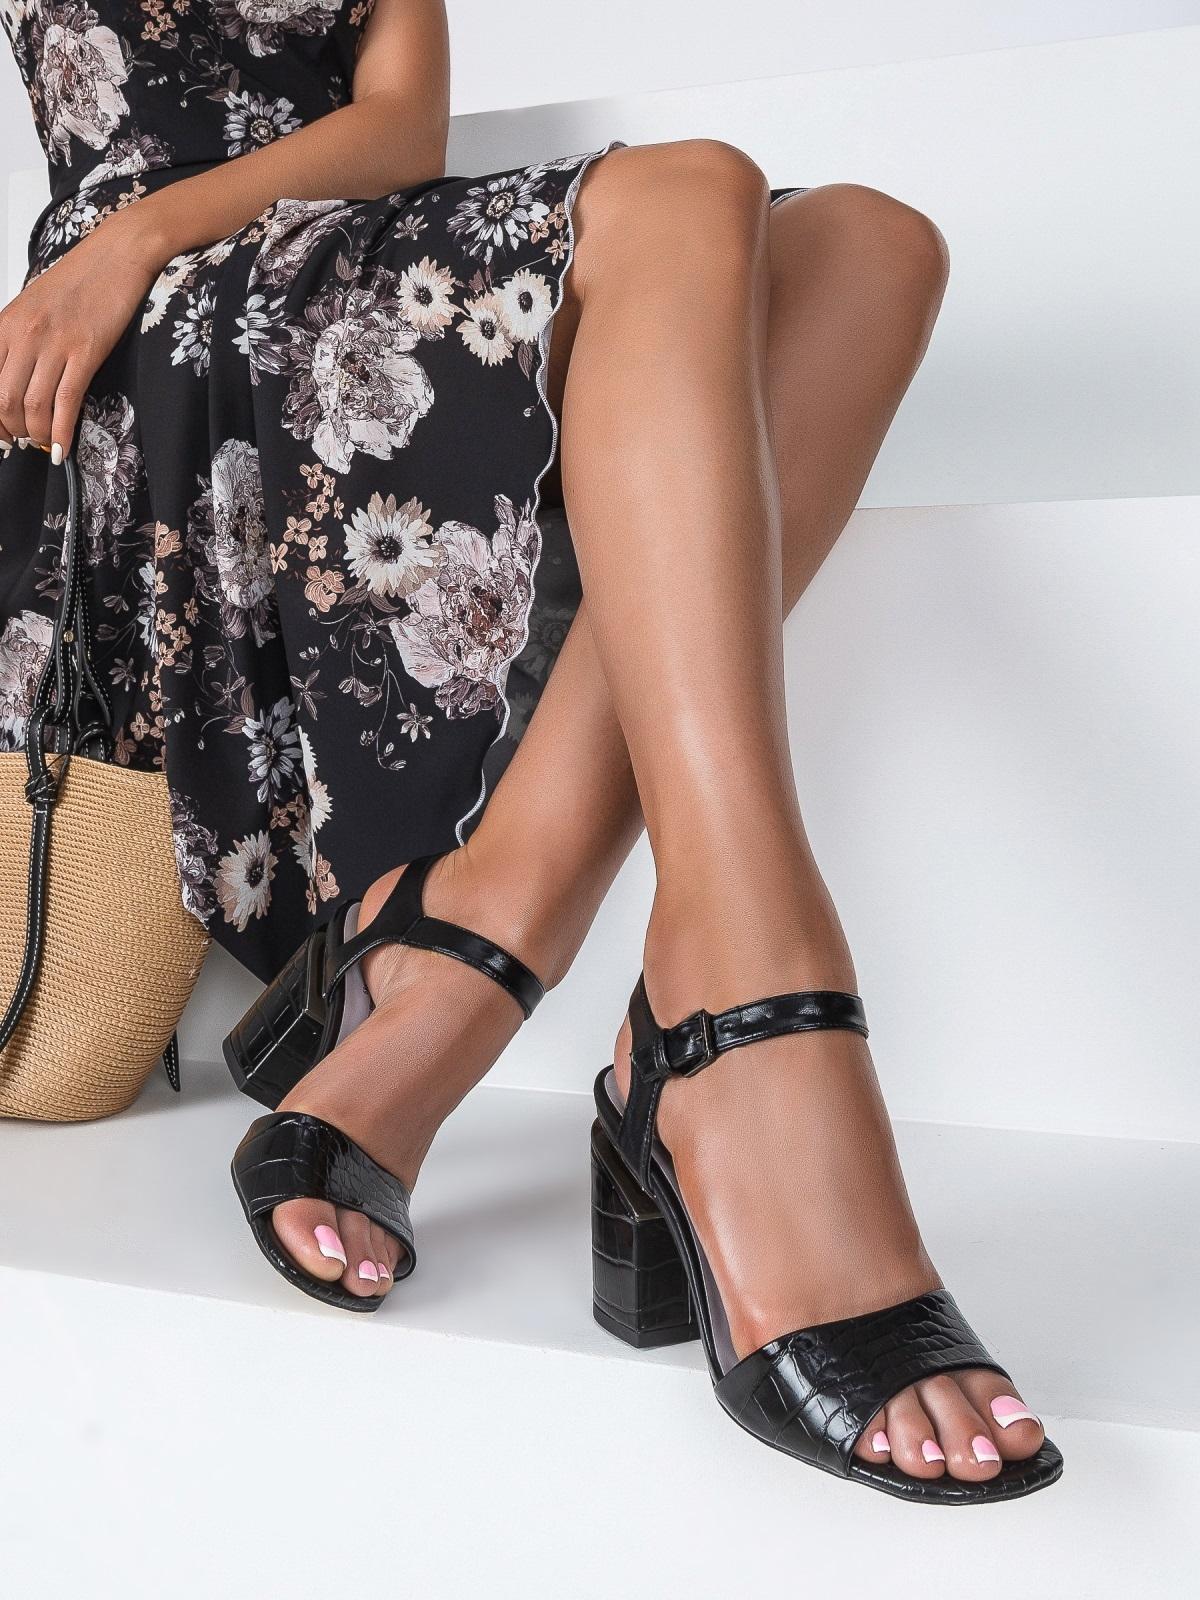 Чёрные босоножки на каблуке с застежкой - 49757, фото 1 – интернет-магазин Dressa